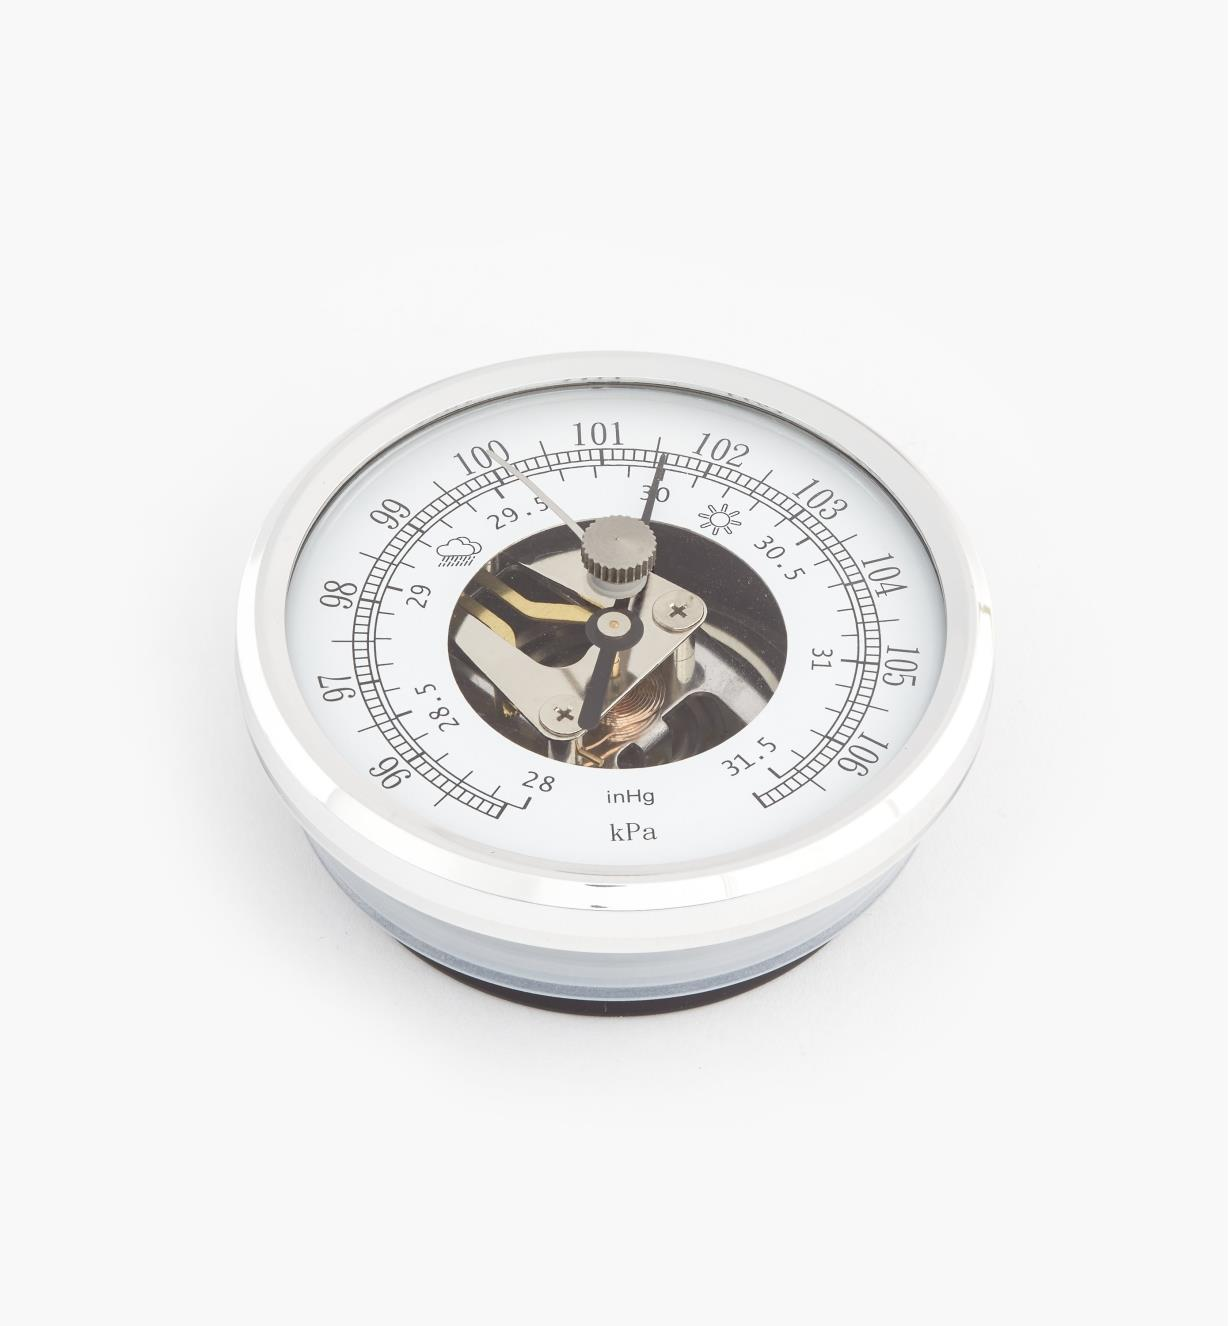 46K7001 - Baromètre encastrable à lunette en aluminium, l'unité